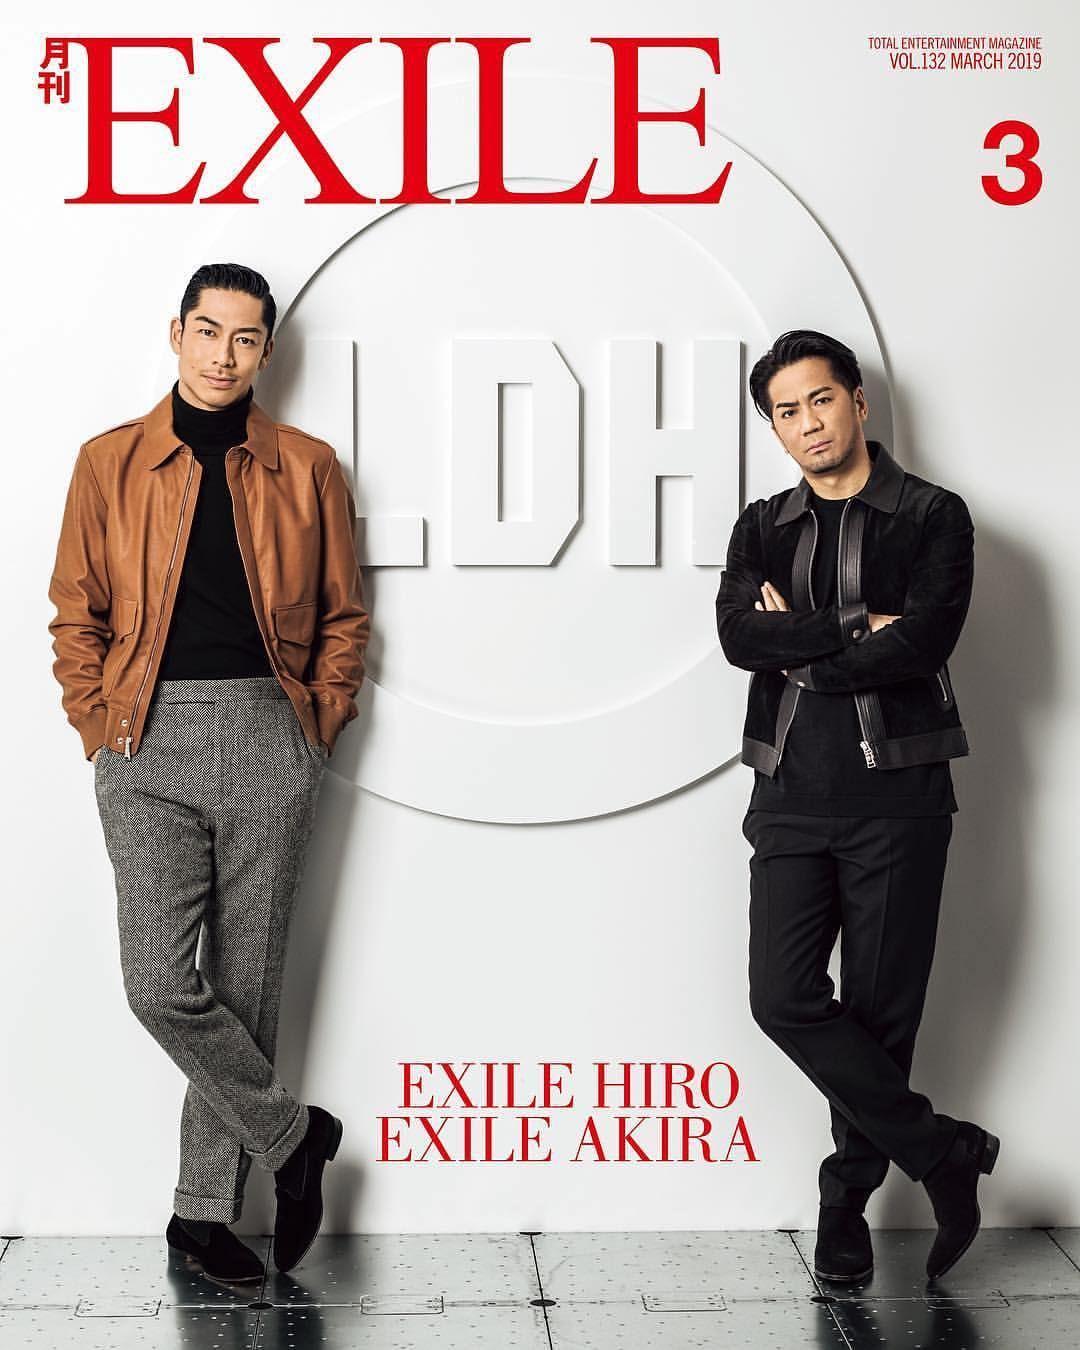 黒沢良平 1月26日発売 月刊exile 3月号 表紙解禁 本日 月刊